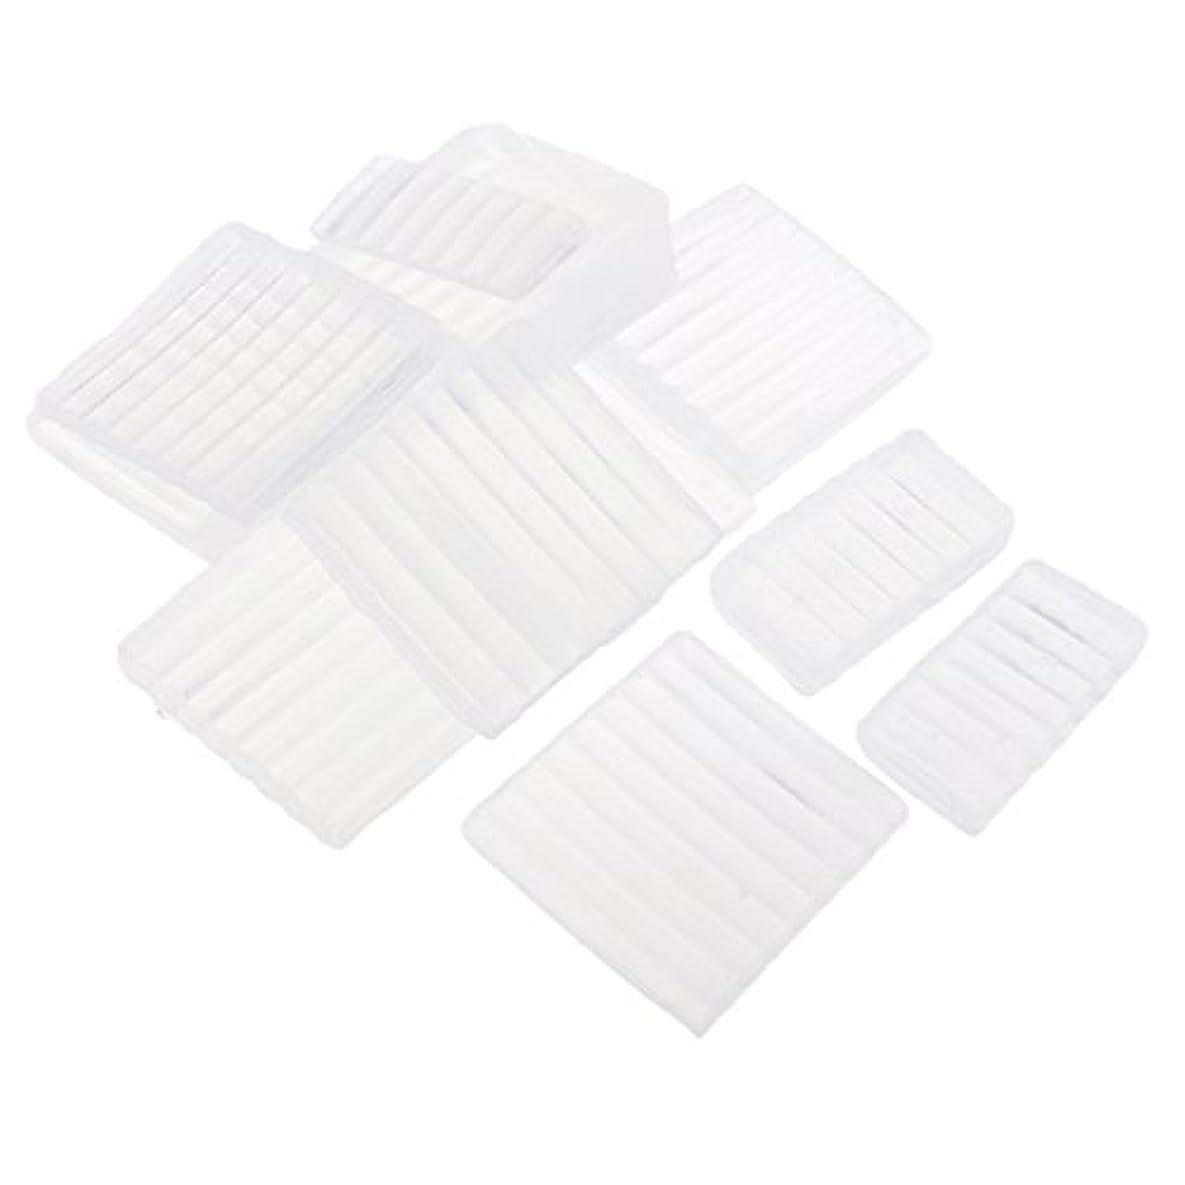 終点禁止競争力のあるFenteer ホワイト 透明 石鹸ベース DIY 手作り 石鹸 材料 約500g